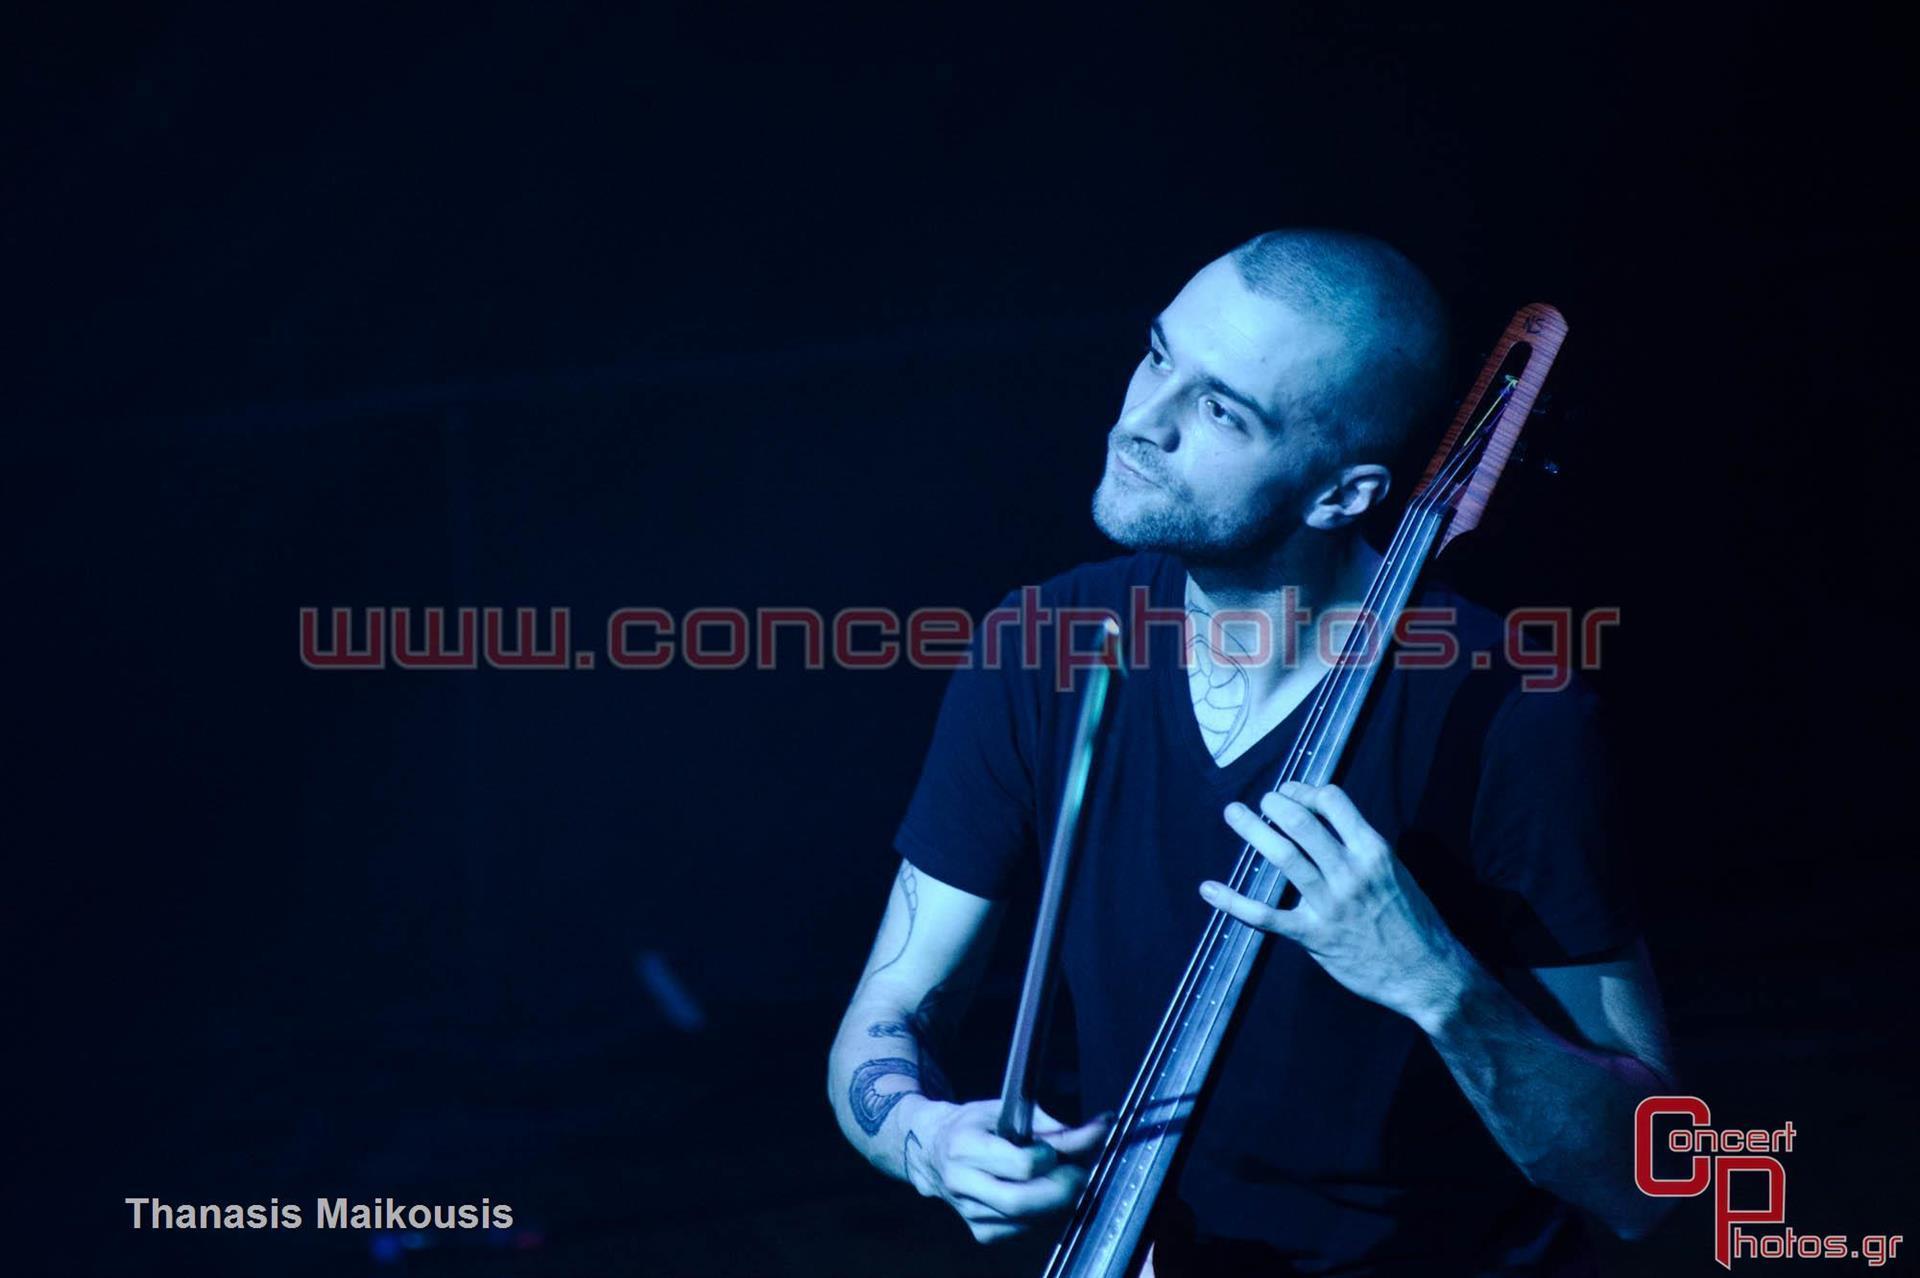 Wax Tailor - photographer: Thanasis Maikousis - ConcertPhotos-8183